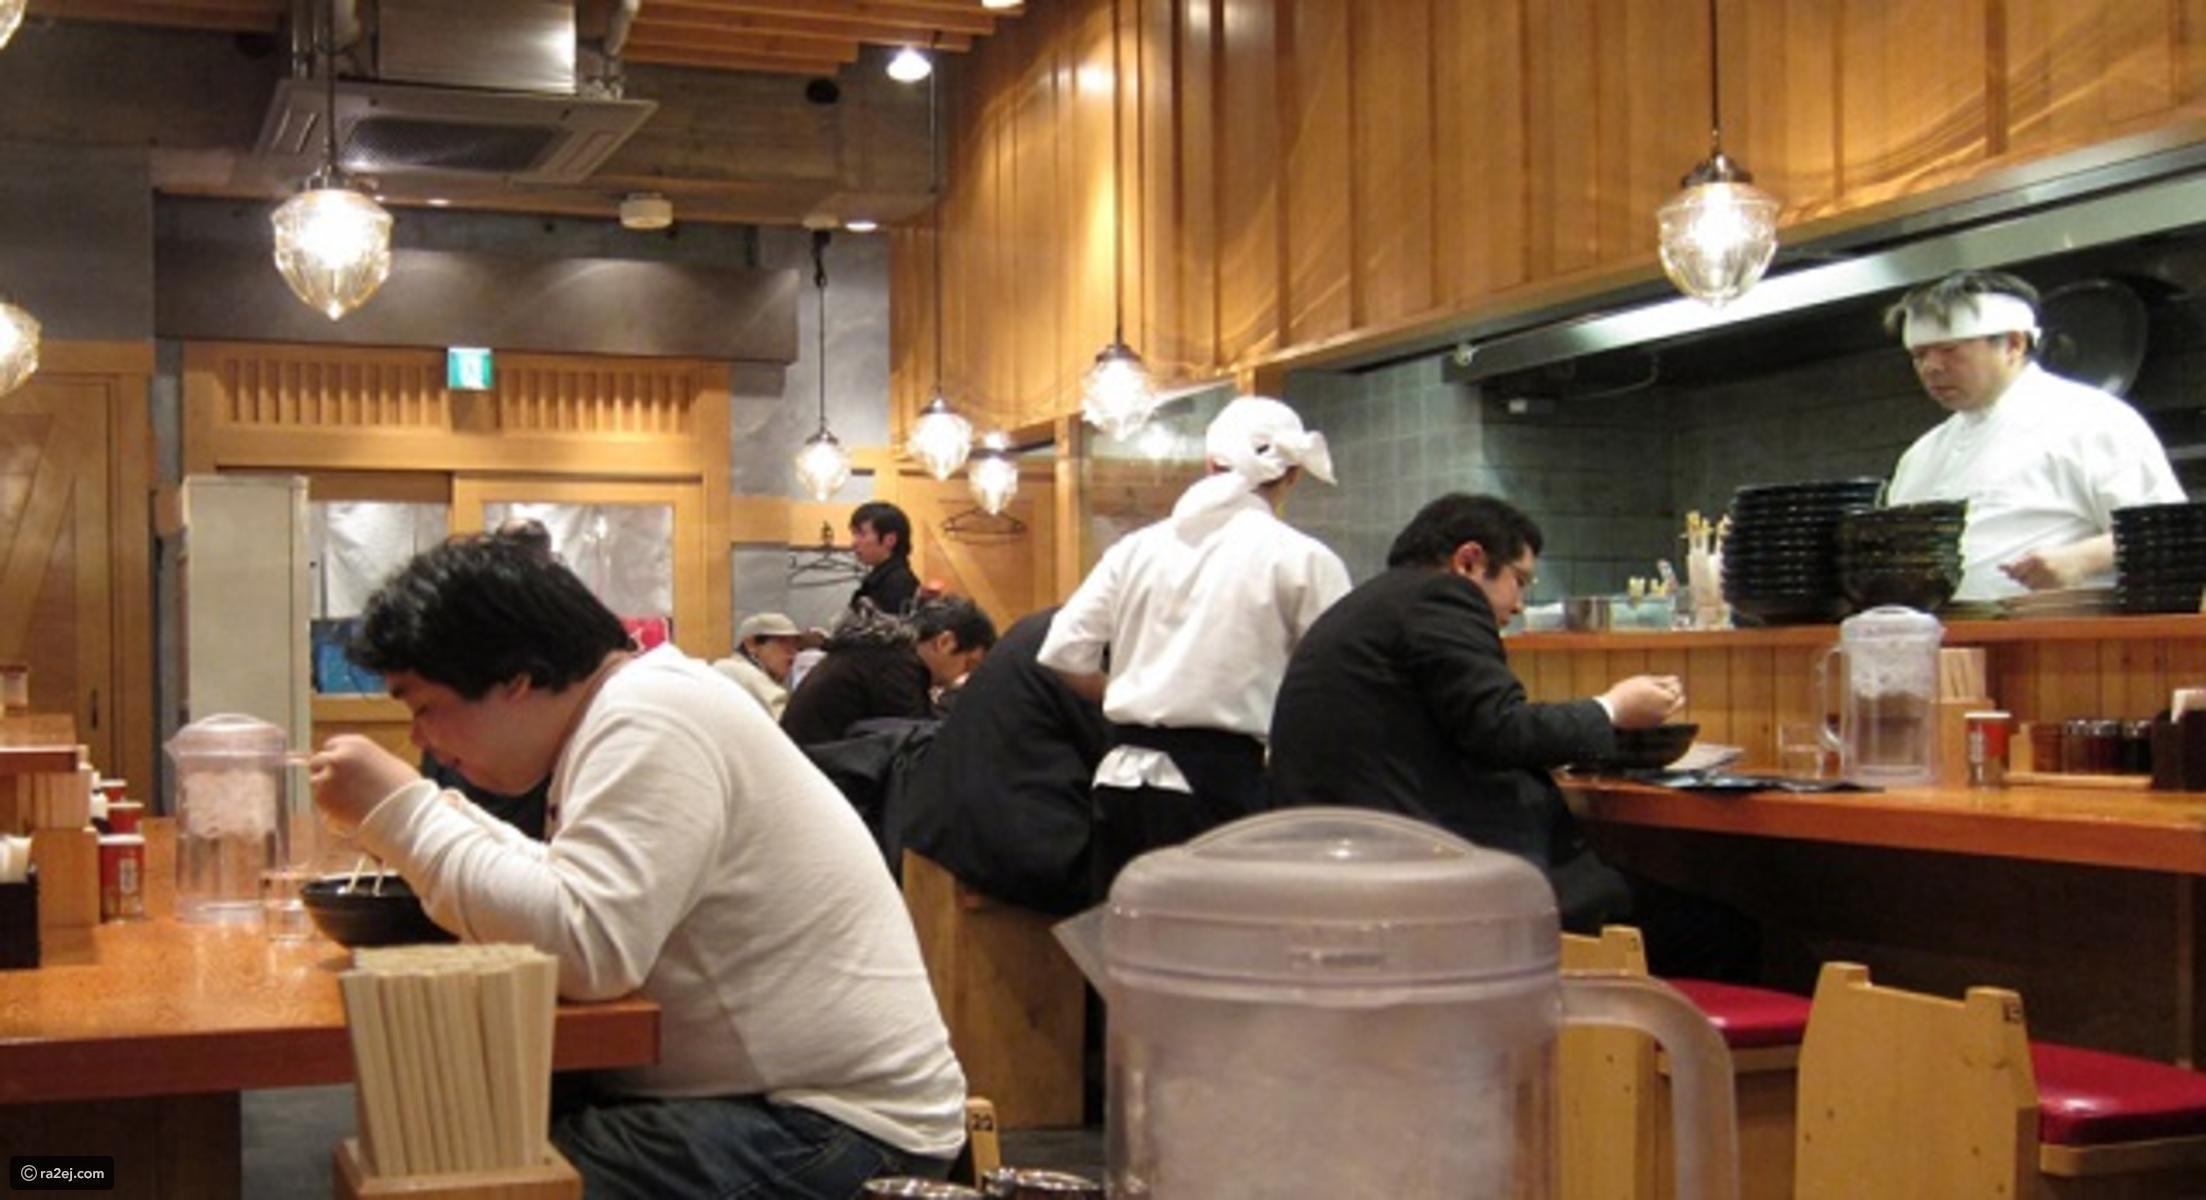 في اليابان ممنوع على المرأة الجلوس مقابل الرجل في المطاعم العامة